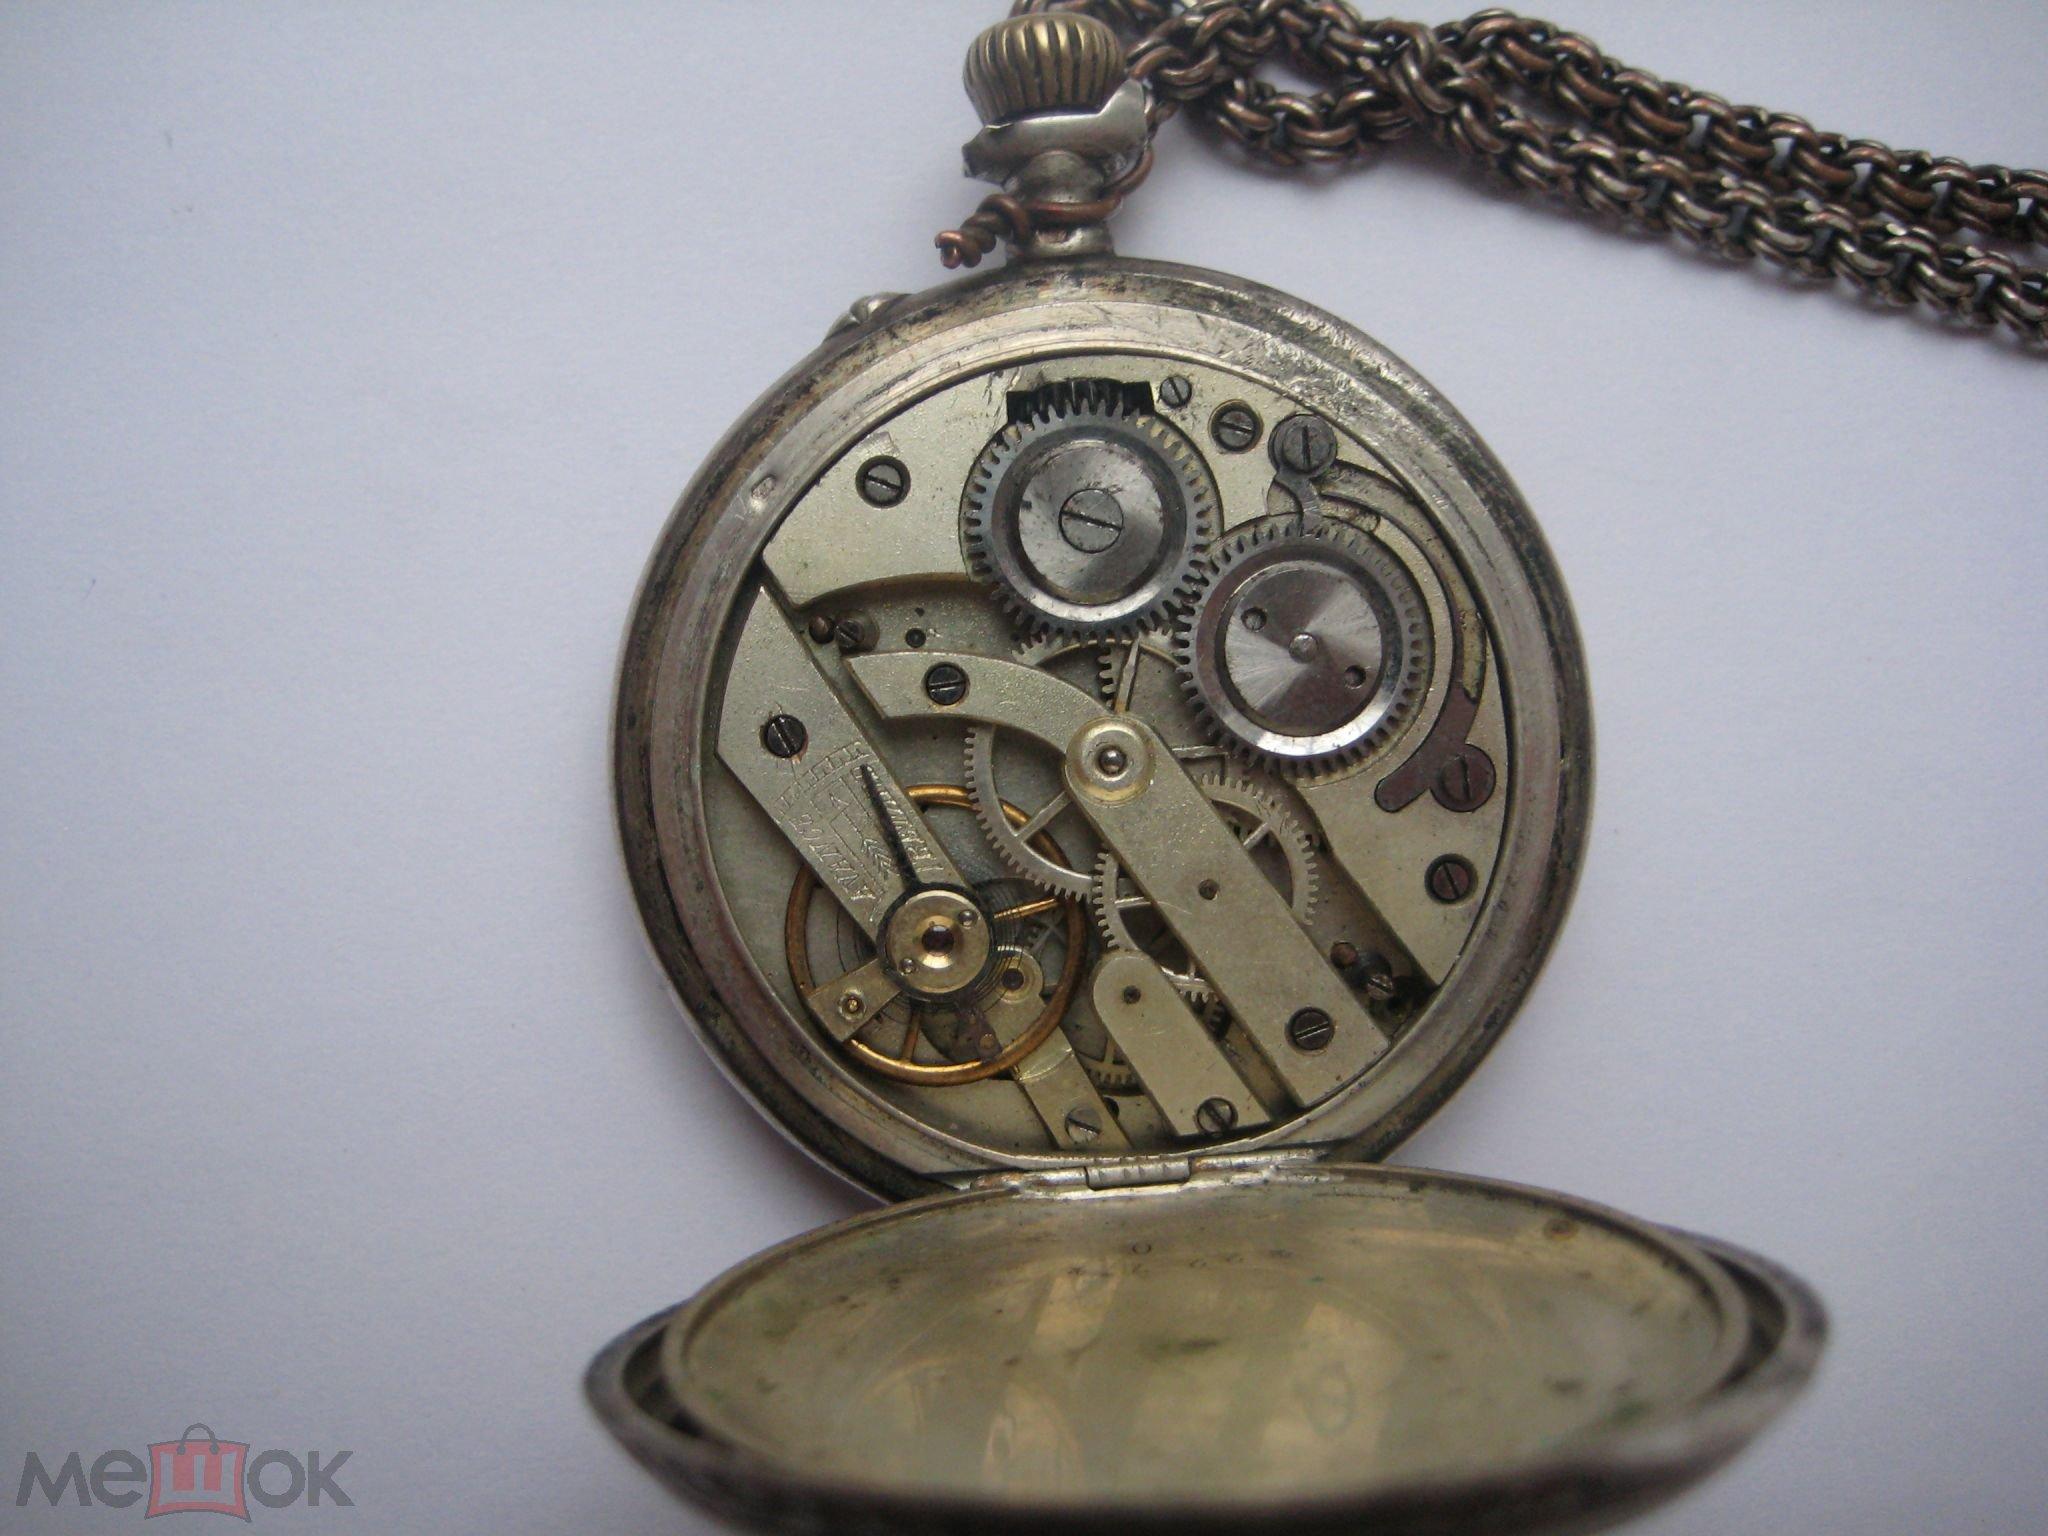 В италии появляется хронограф с двойным часовым поясом vespucci, хронограф с двумя счетчиками mirus с использованием калибра venus старого образца и сложный автоматический сплит — хронограф kepler.